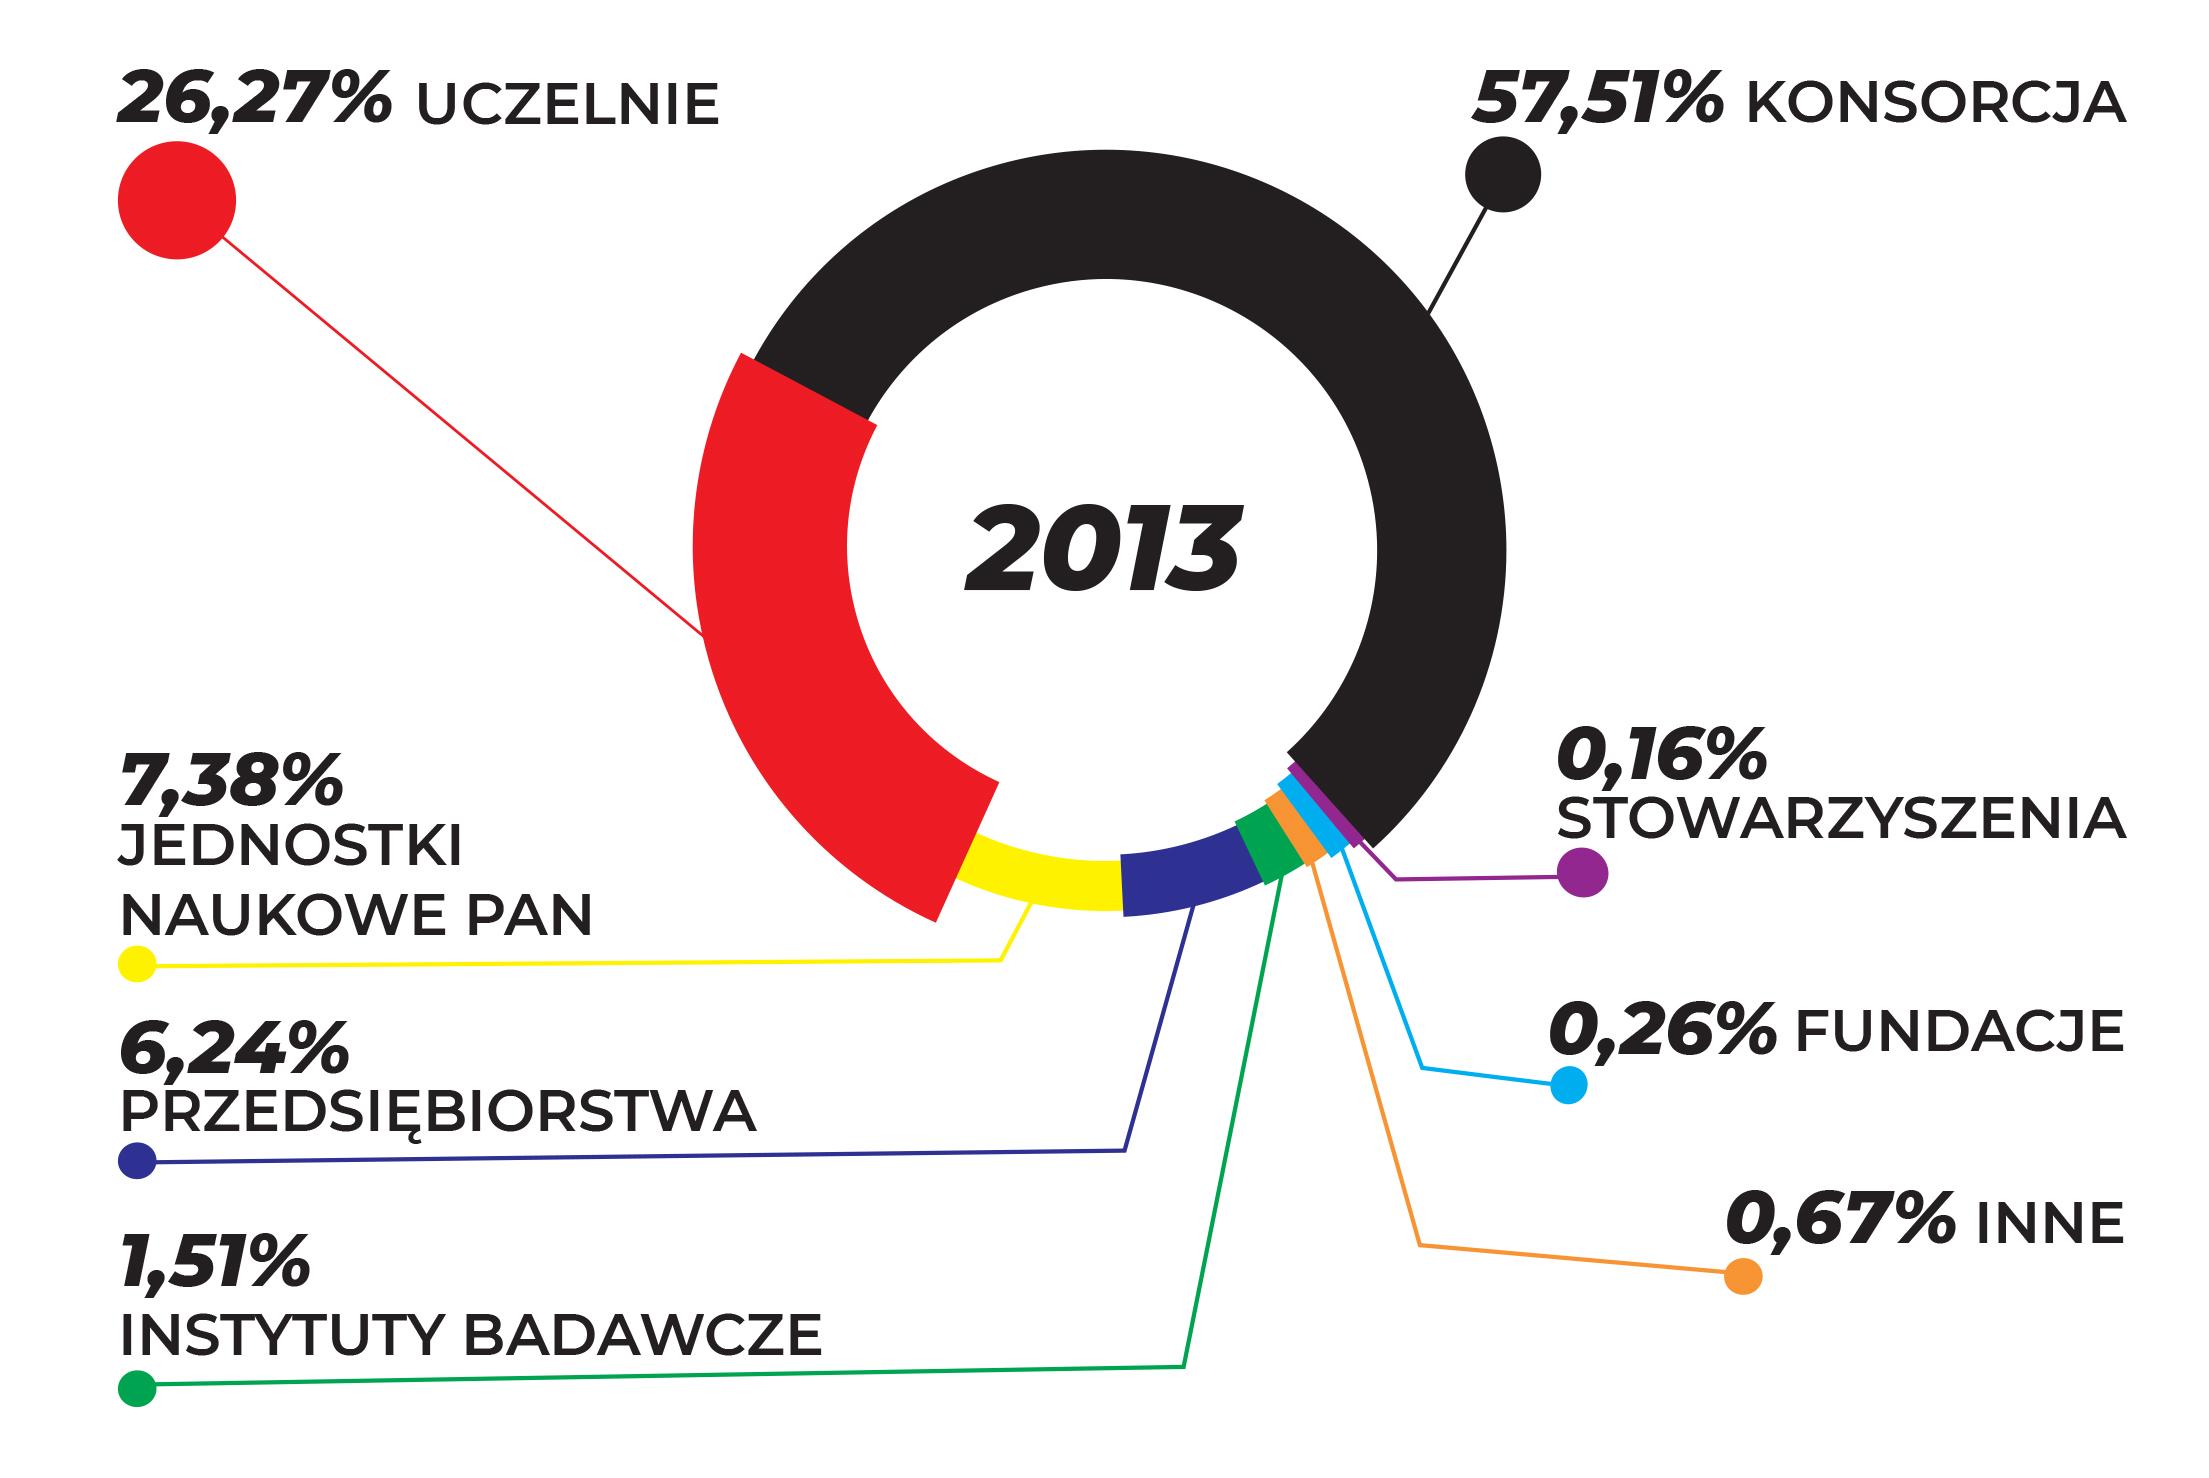 WYKRES PRZEDSTAWIA UDZIAŁ BENEFICJENTÓW W CAŁKOWITYM DOFINANSOWANIU W ZALEŻNOŚCI OD FORMY PRAWNEJ W ROKU 2013